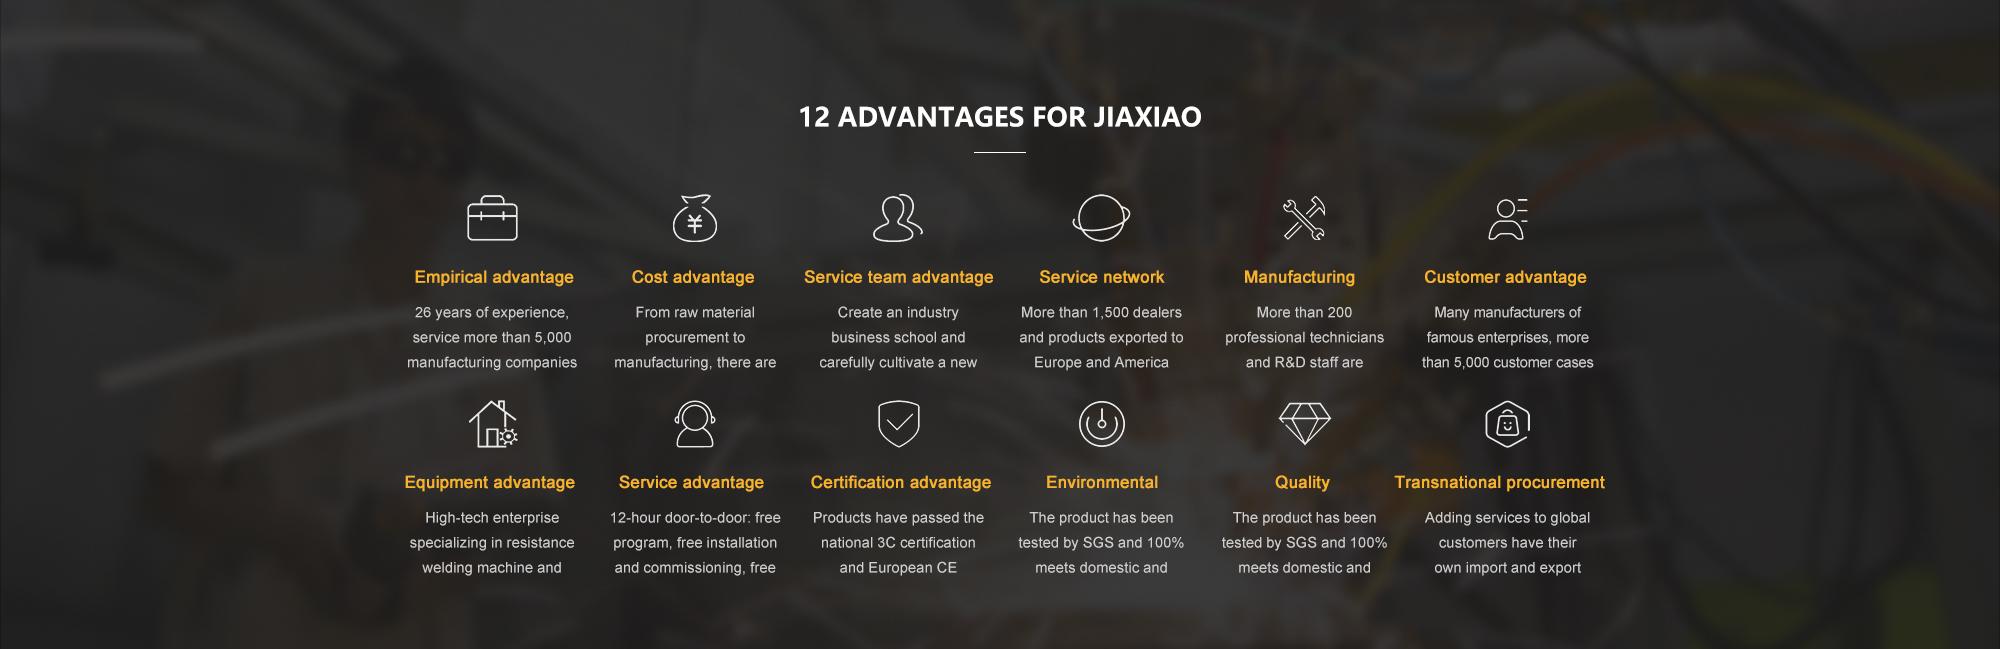 加效的12大优势